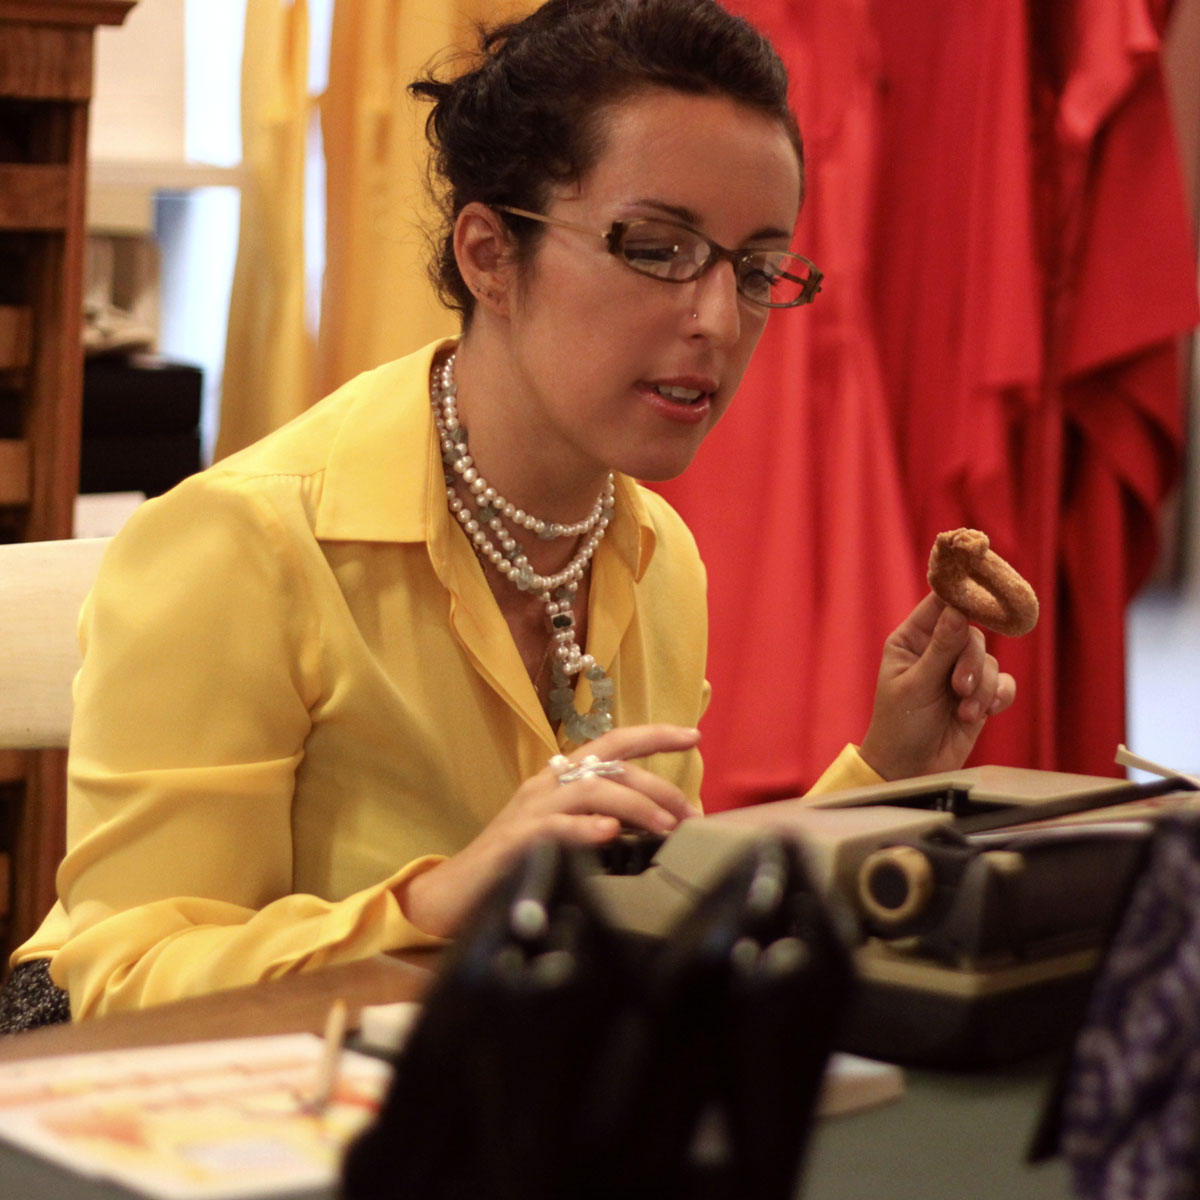 Erica Vagliengo creatrice di Emma Travet e autrice di Voglio scrivere per Vanity Fair